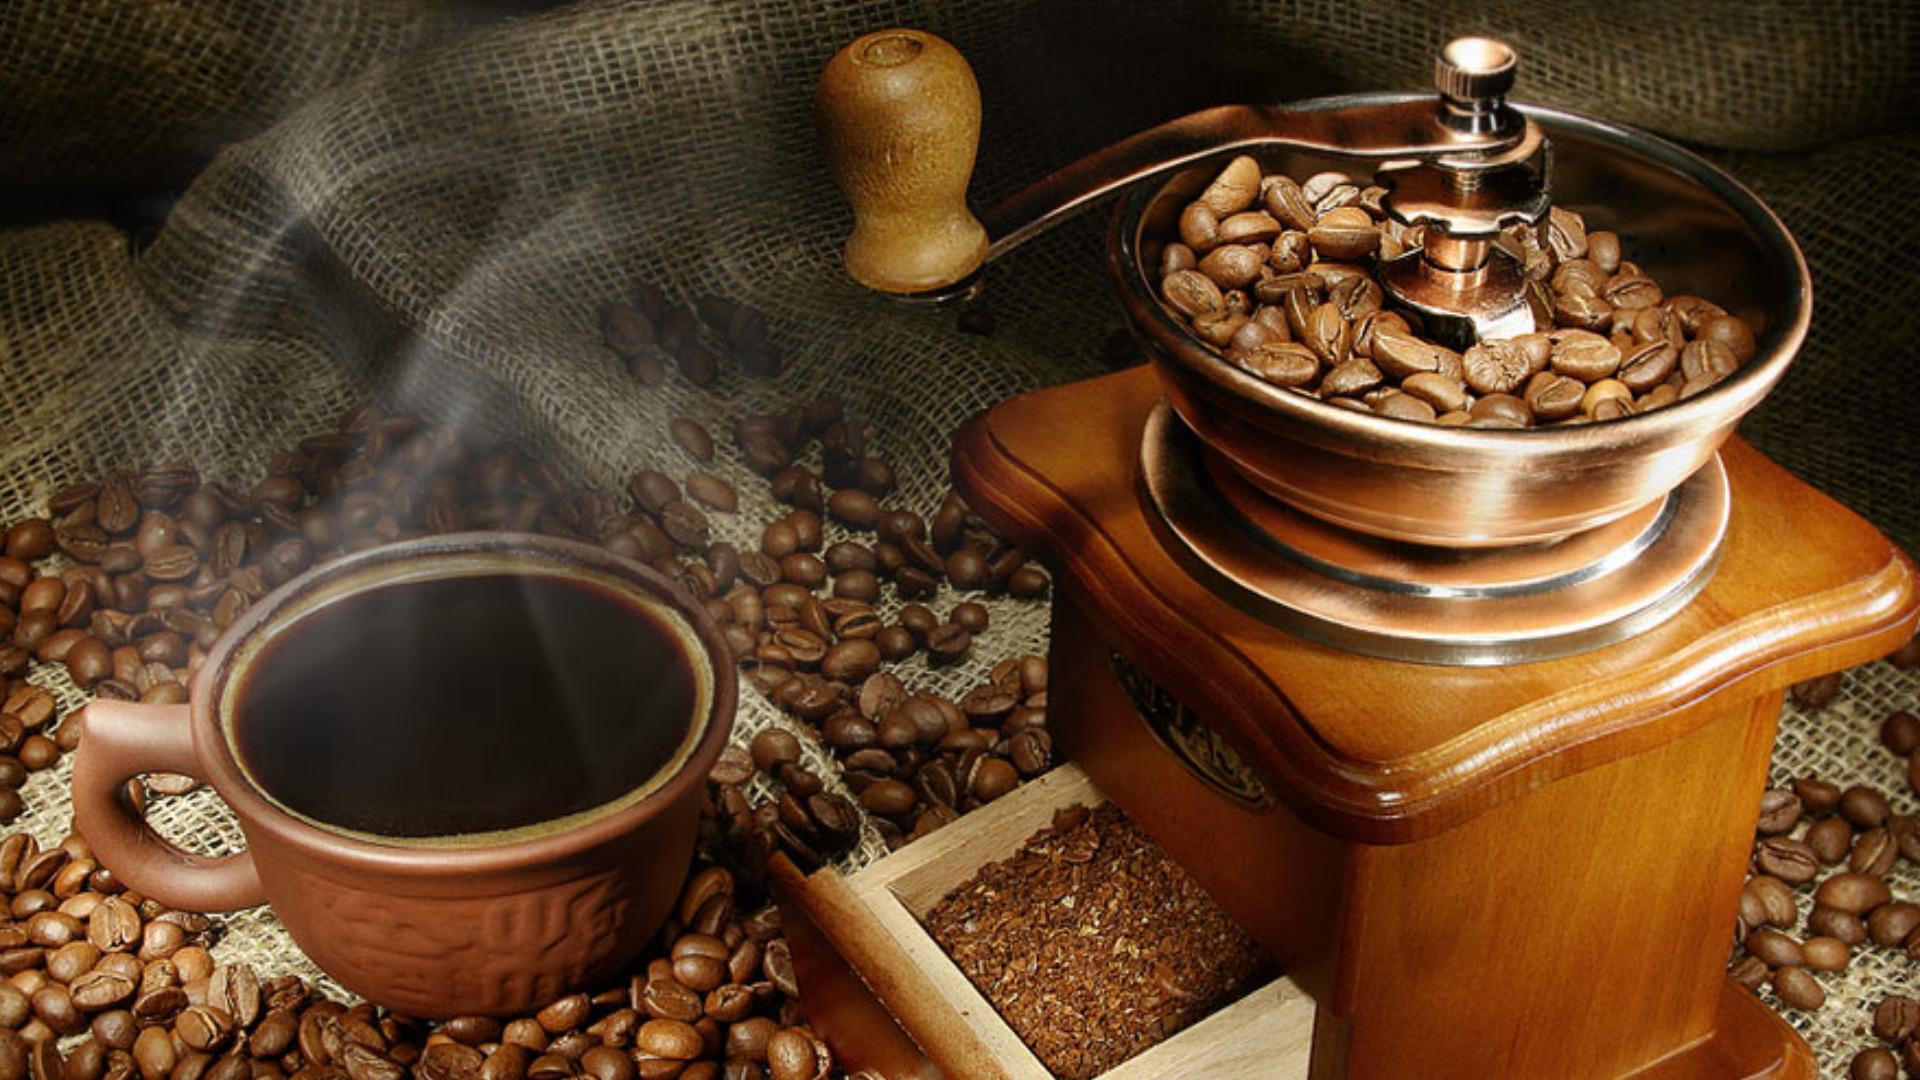 نمایشگاه تخصصی قهوه، نوشیدین ها، نان، شیرینی و شکلات اصفهان